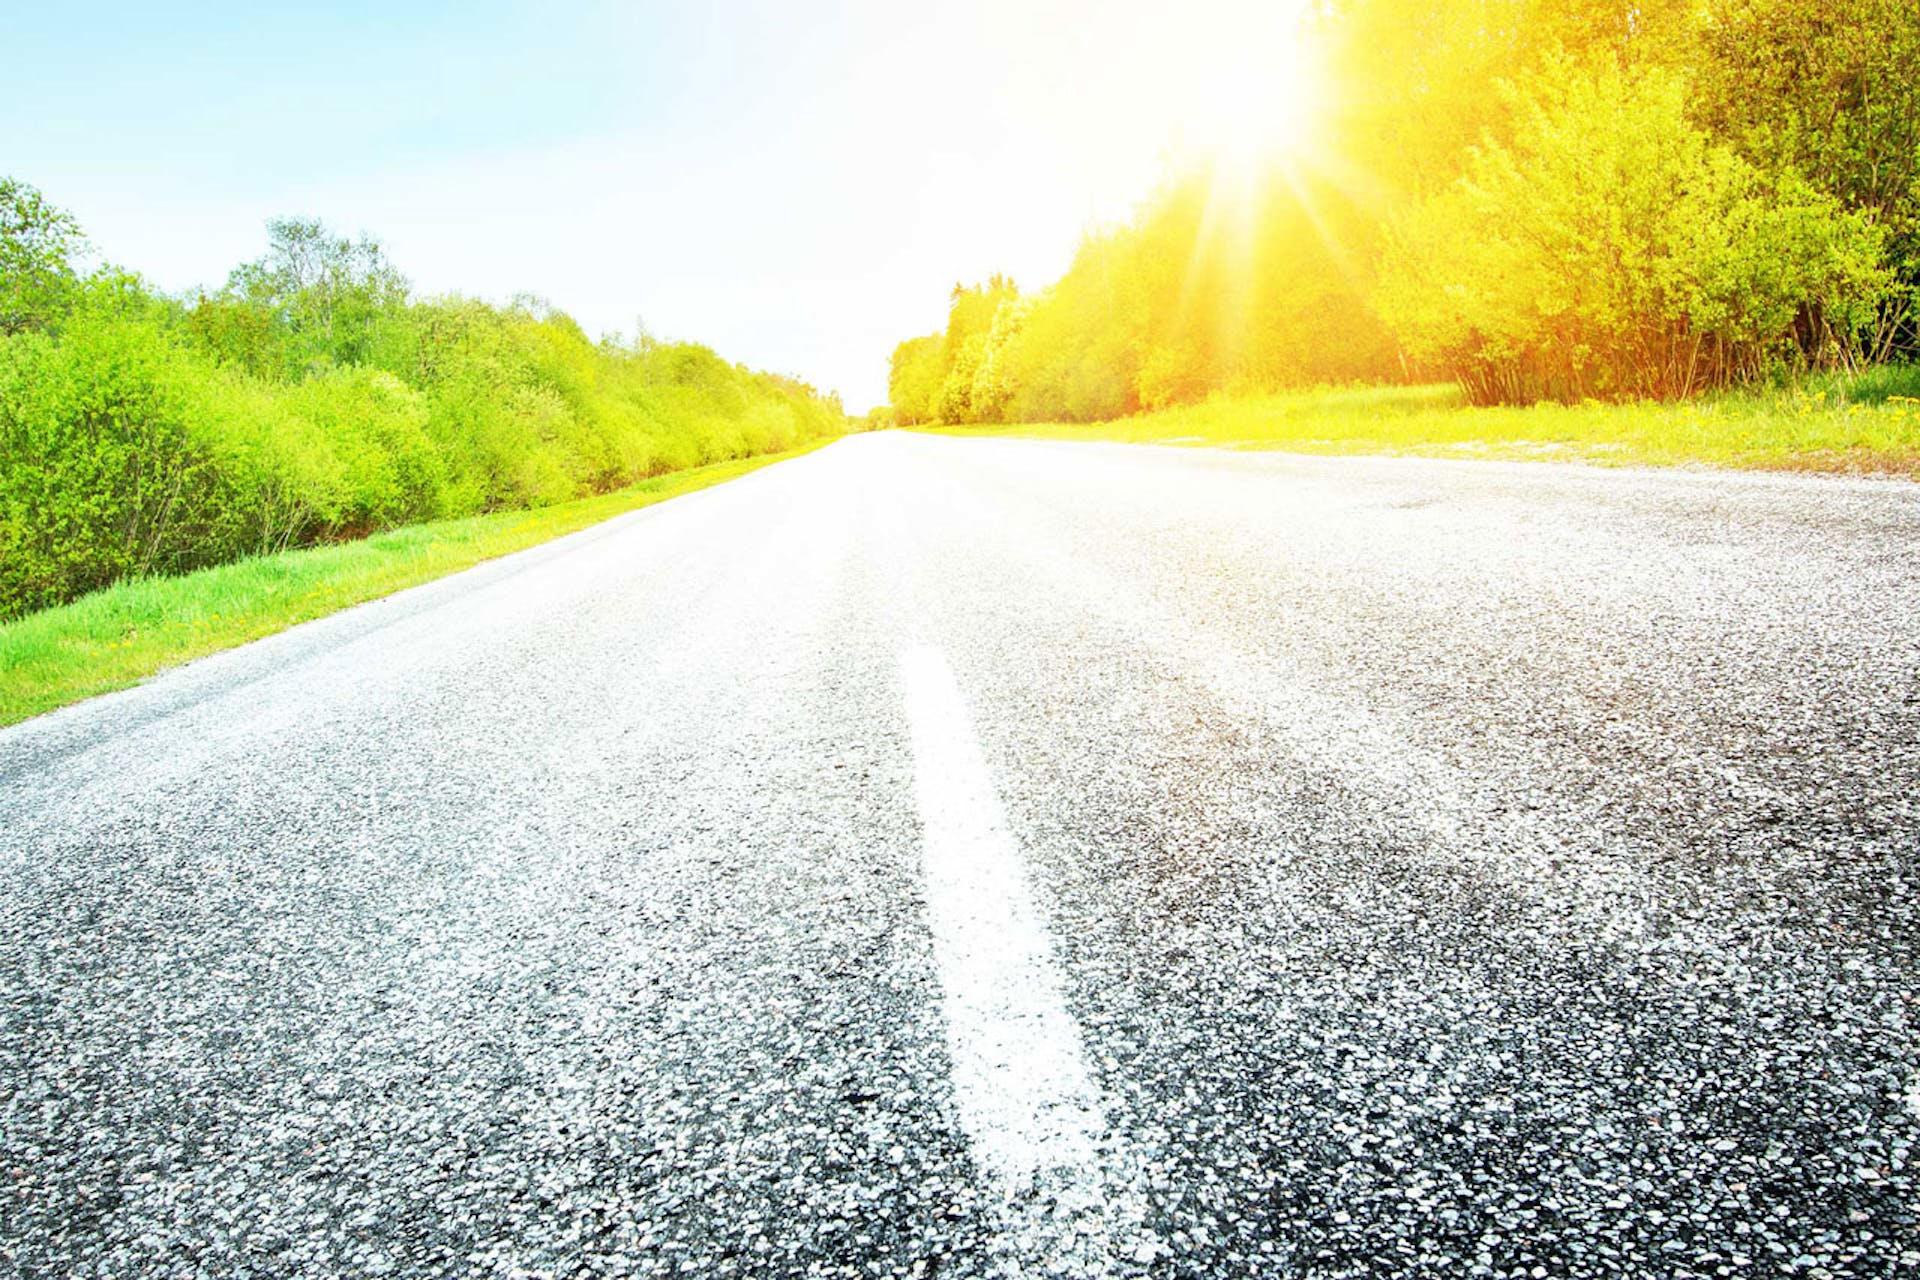 la luce riflessa sul manto stradale bagnato provoca un effetto di abbagliamento e riduce la percezione del contrasto.